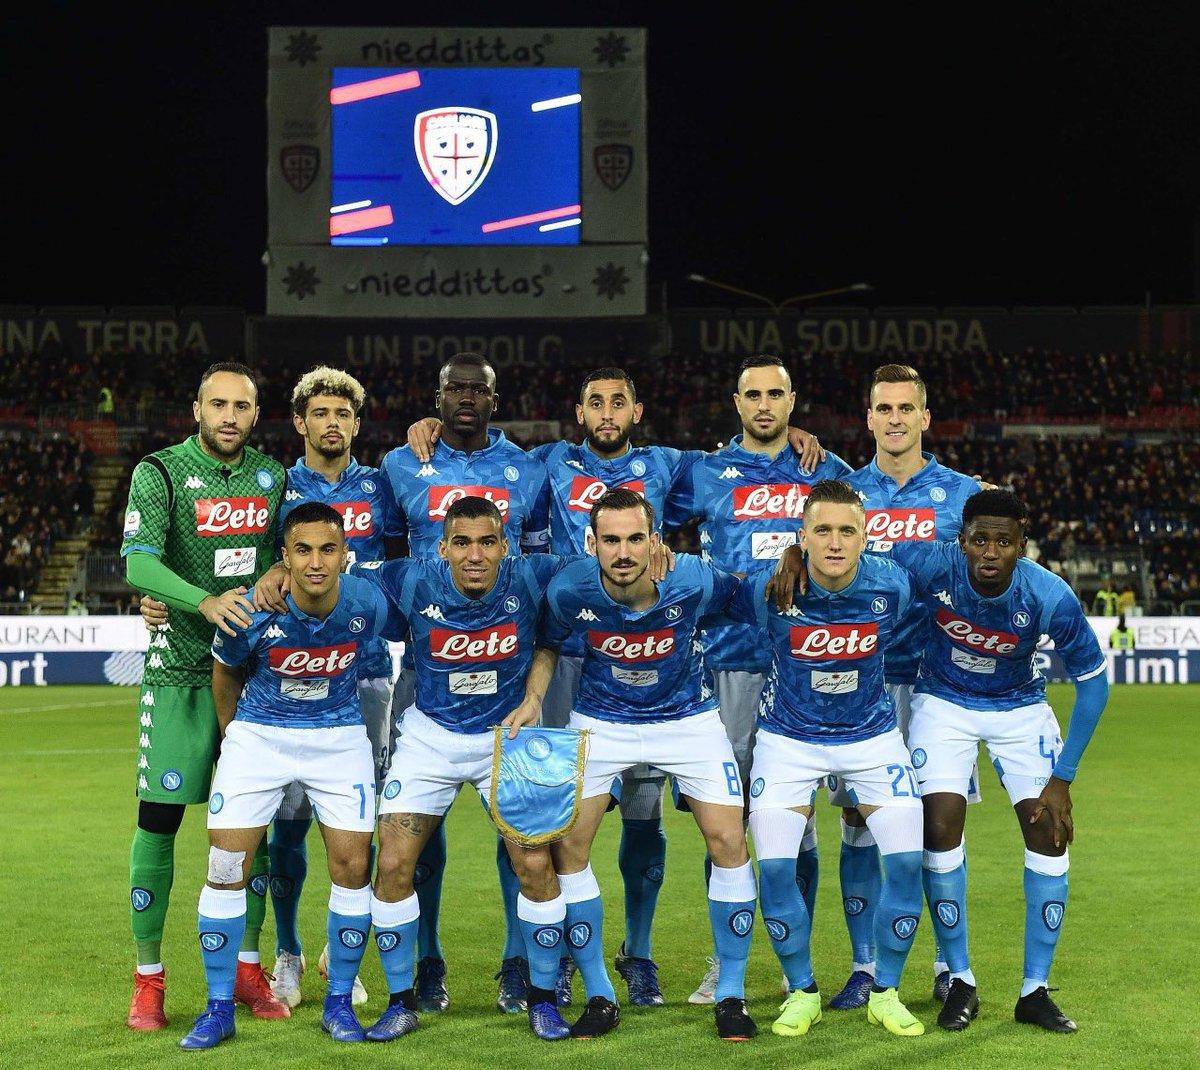 أركاديوش ميليك يقود نابولي لفوز متأخر على كالياري في الدوري الايطالي